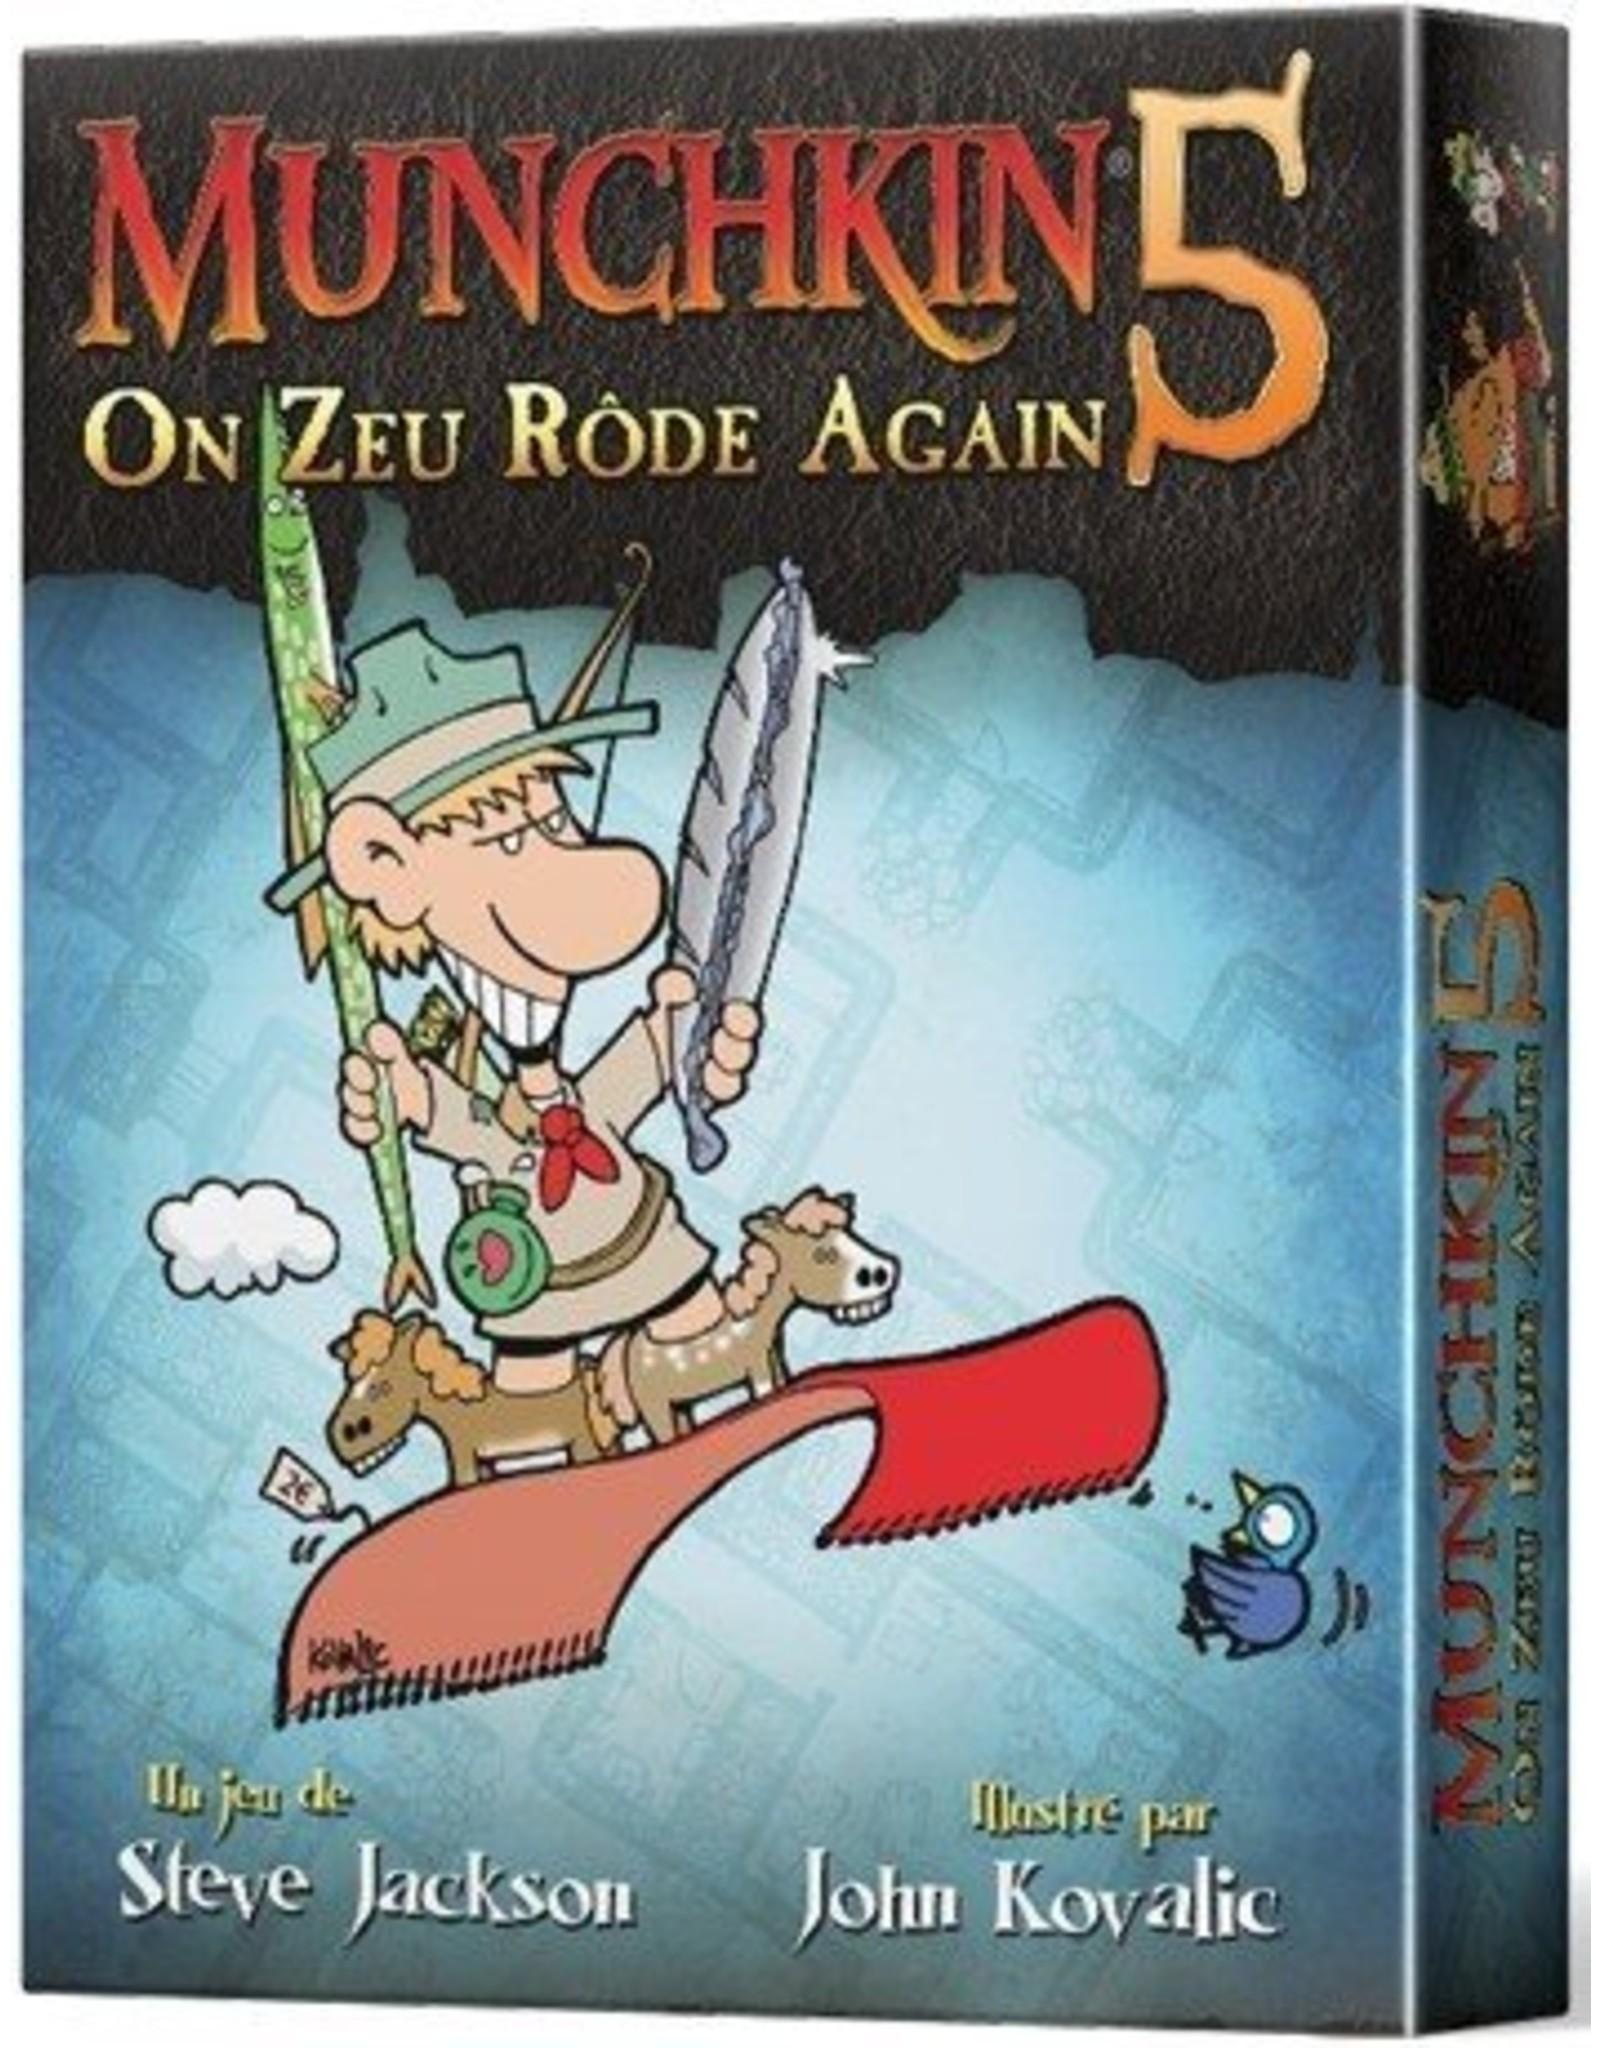 Edge Munchkin 5 : On Zeu Rôde Again